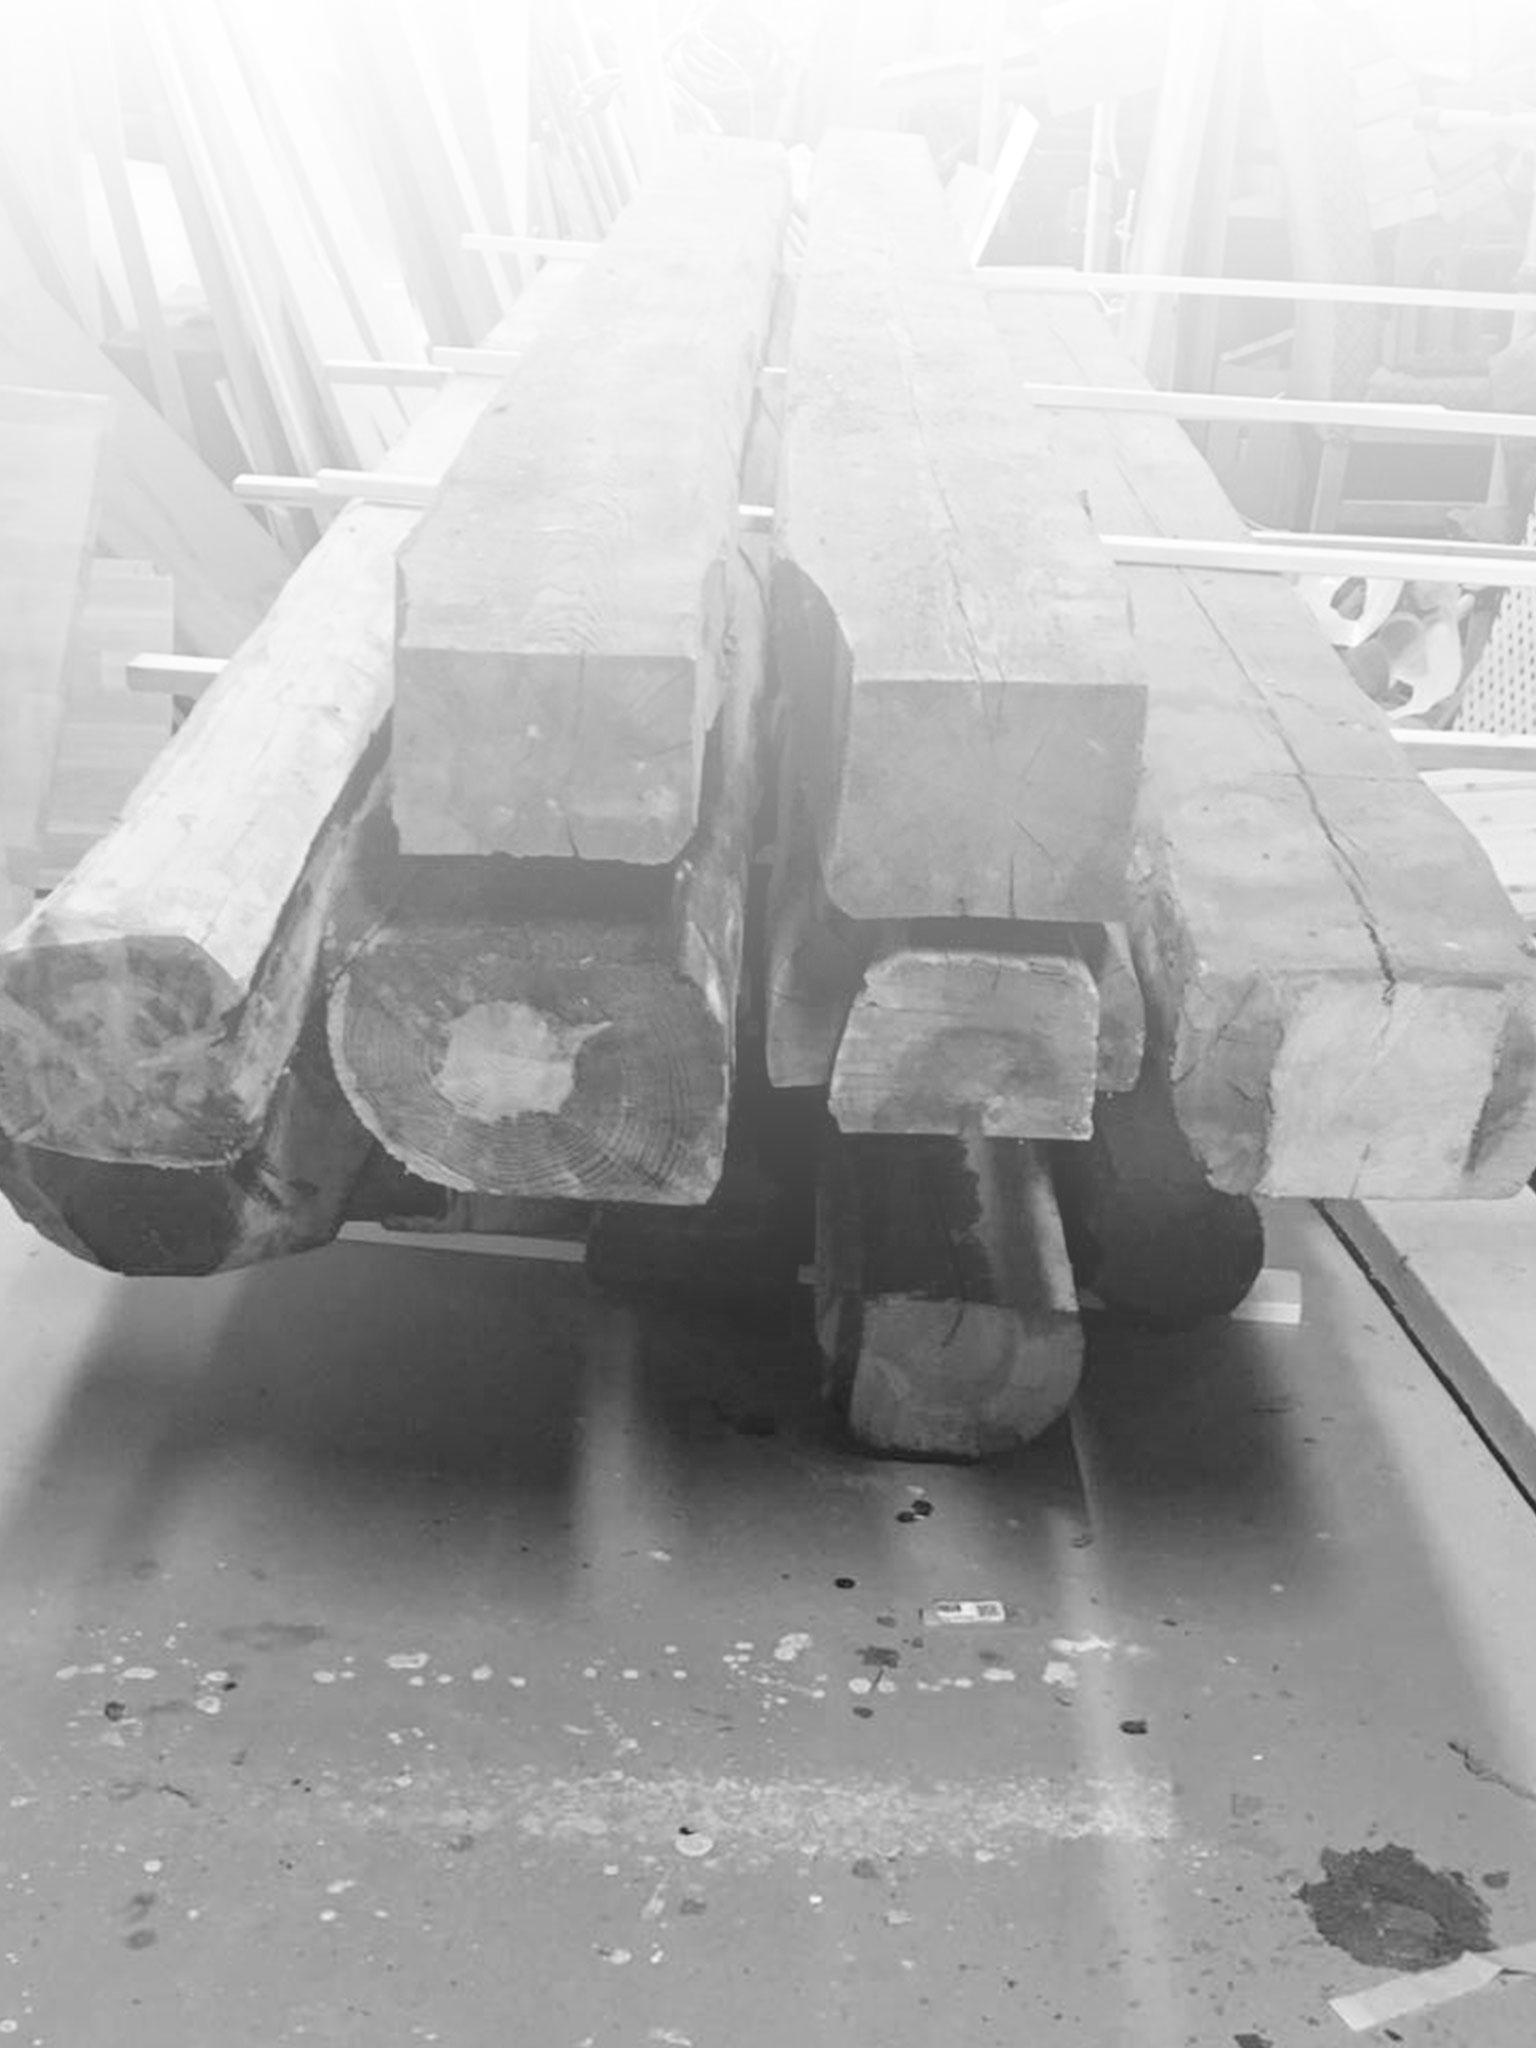 Tømmer brukt på snekkerverksted i Skien